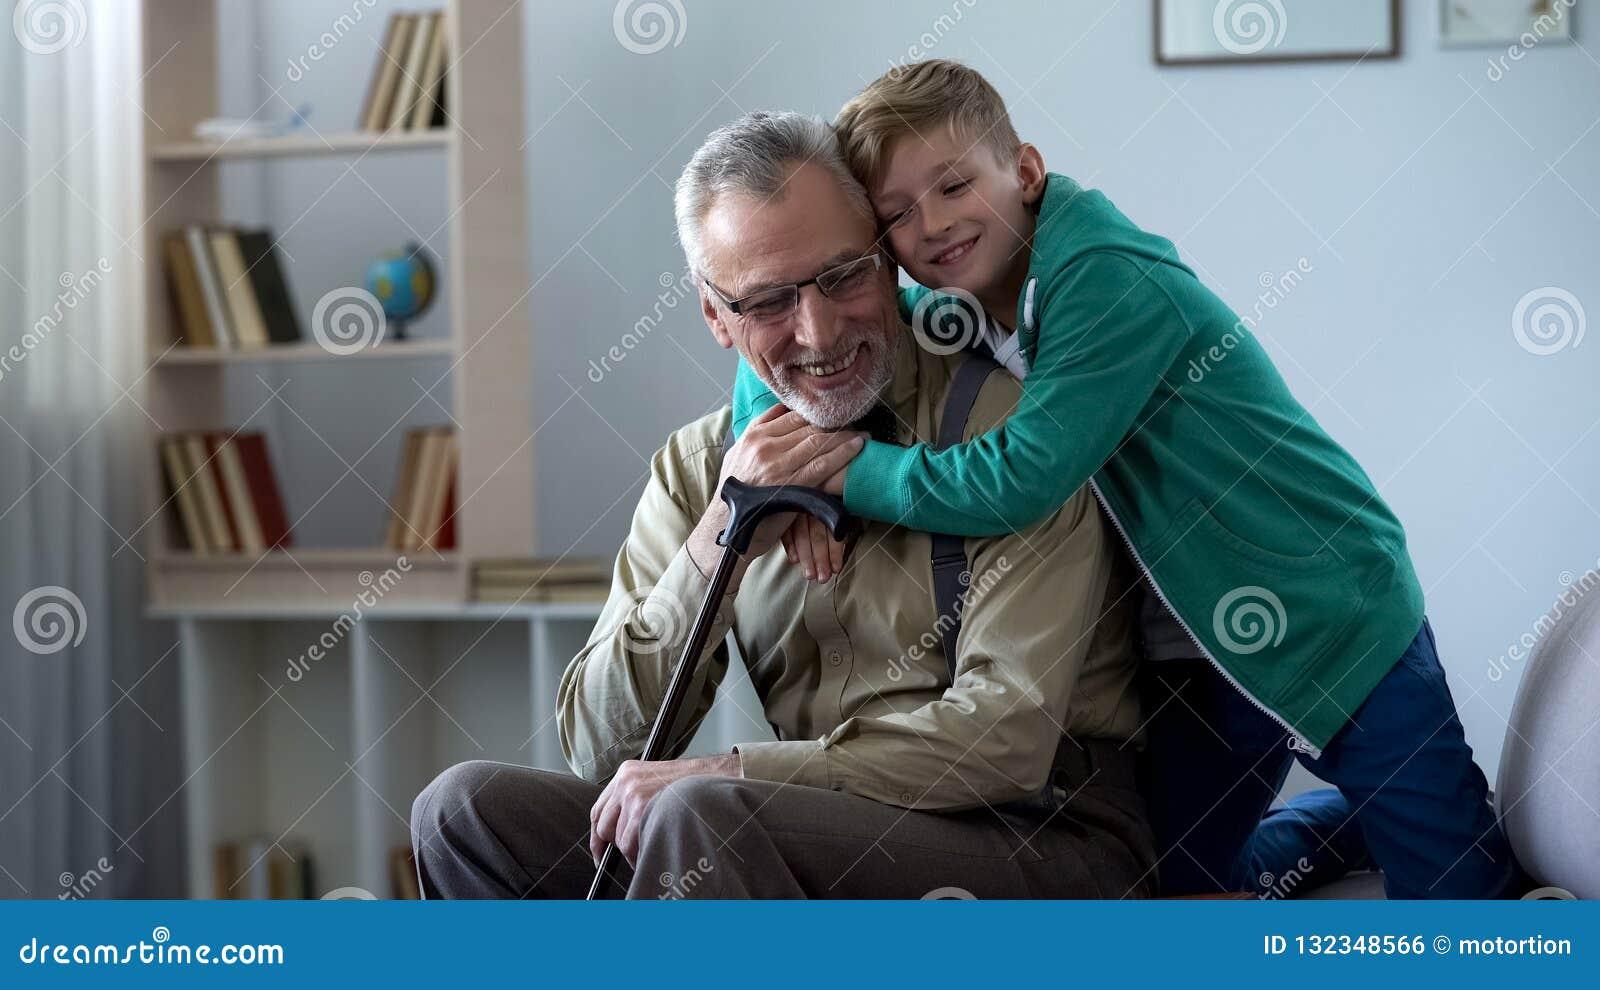 Menino que abraça maciamente o avô, amor da família, respeito para a geração mais velha